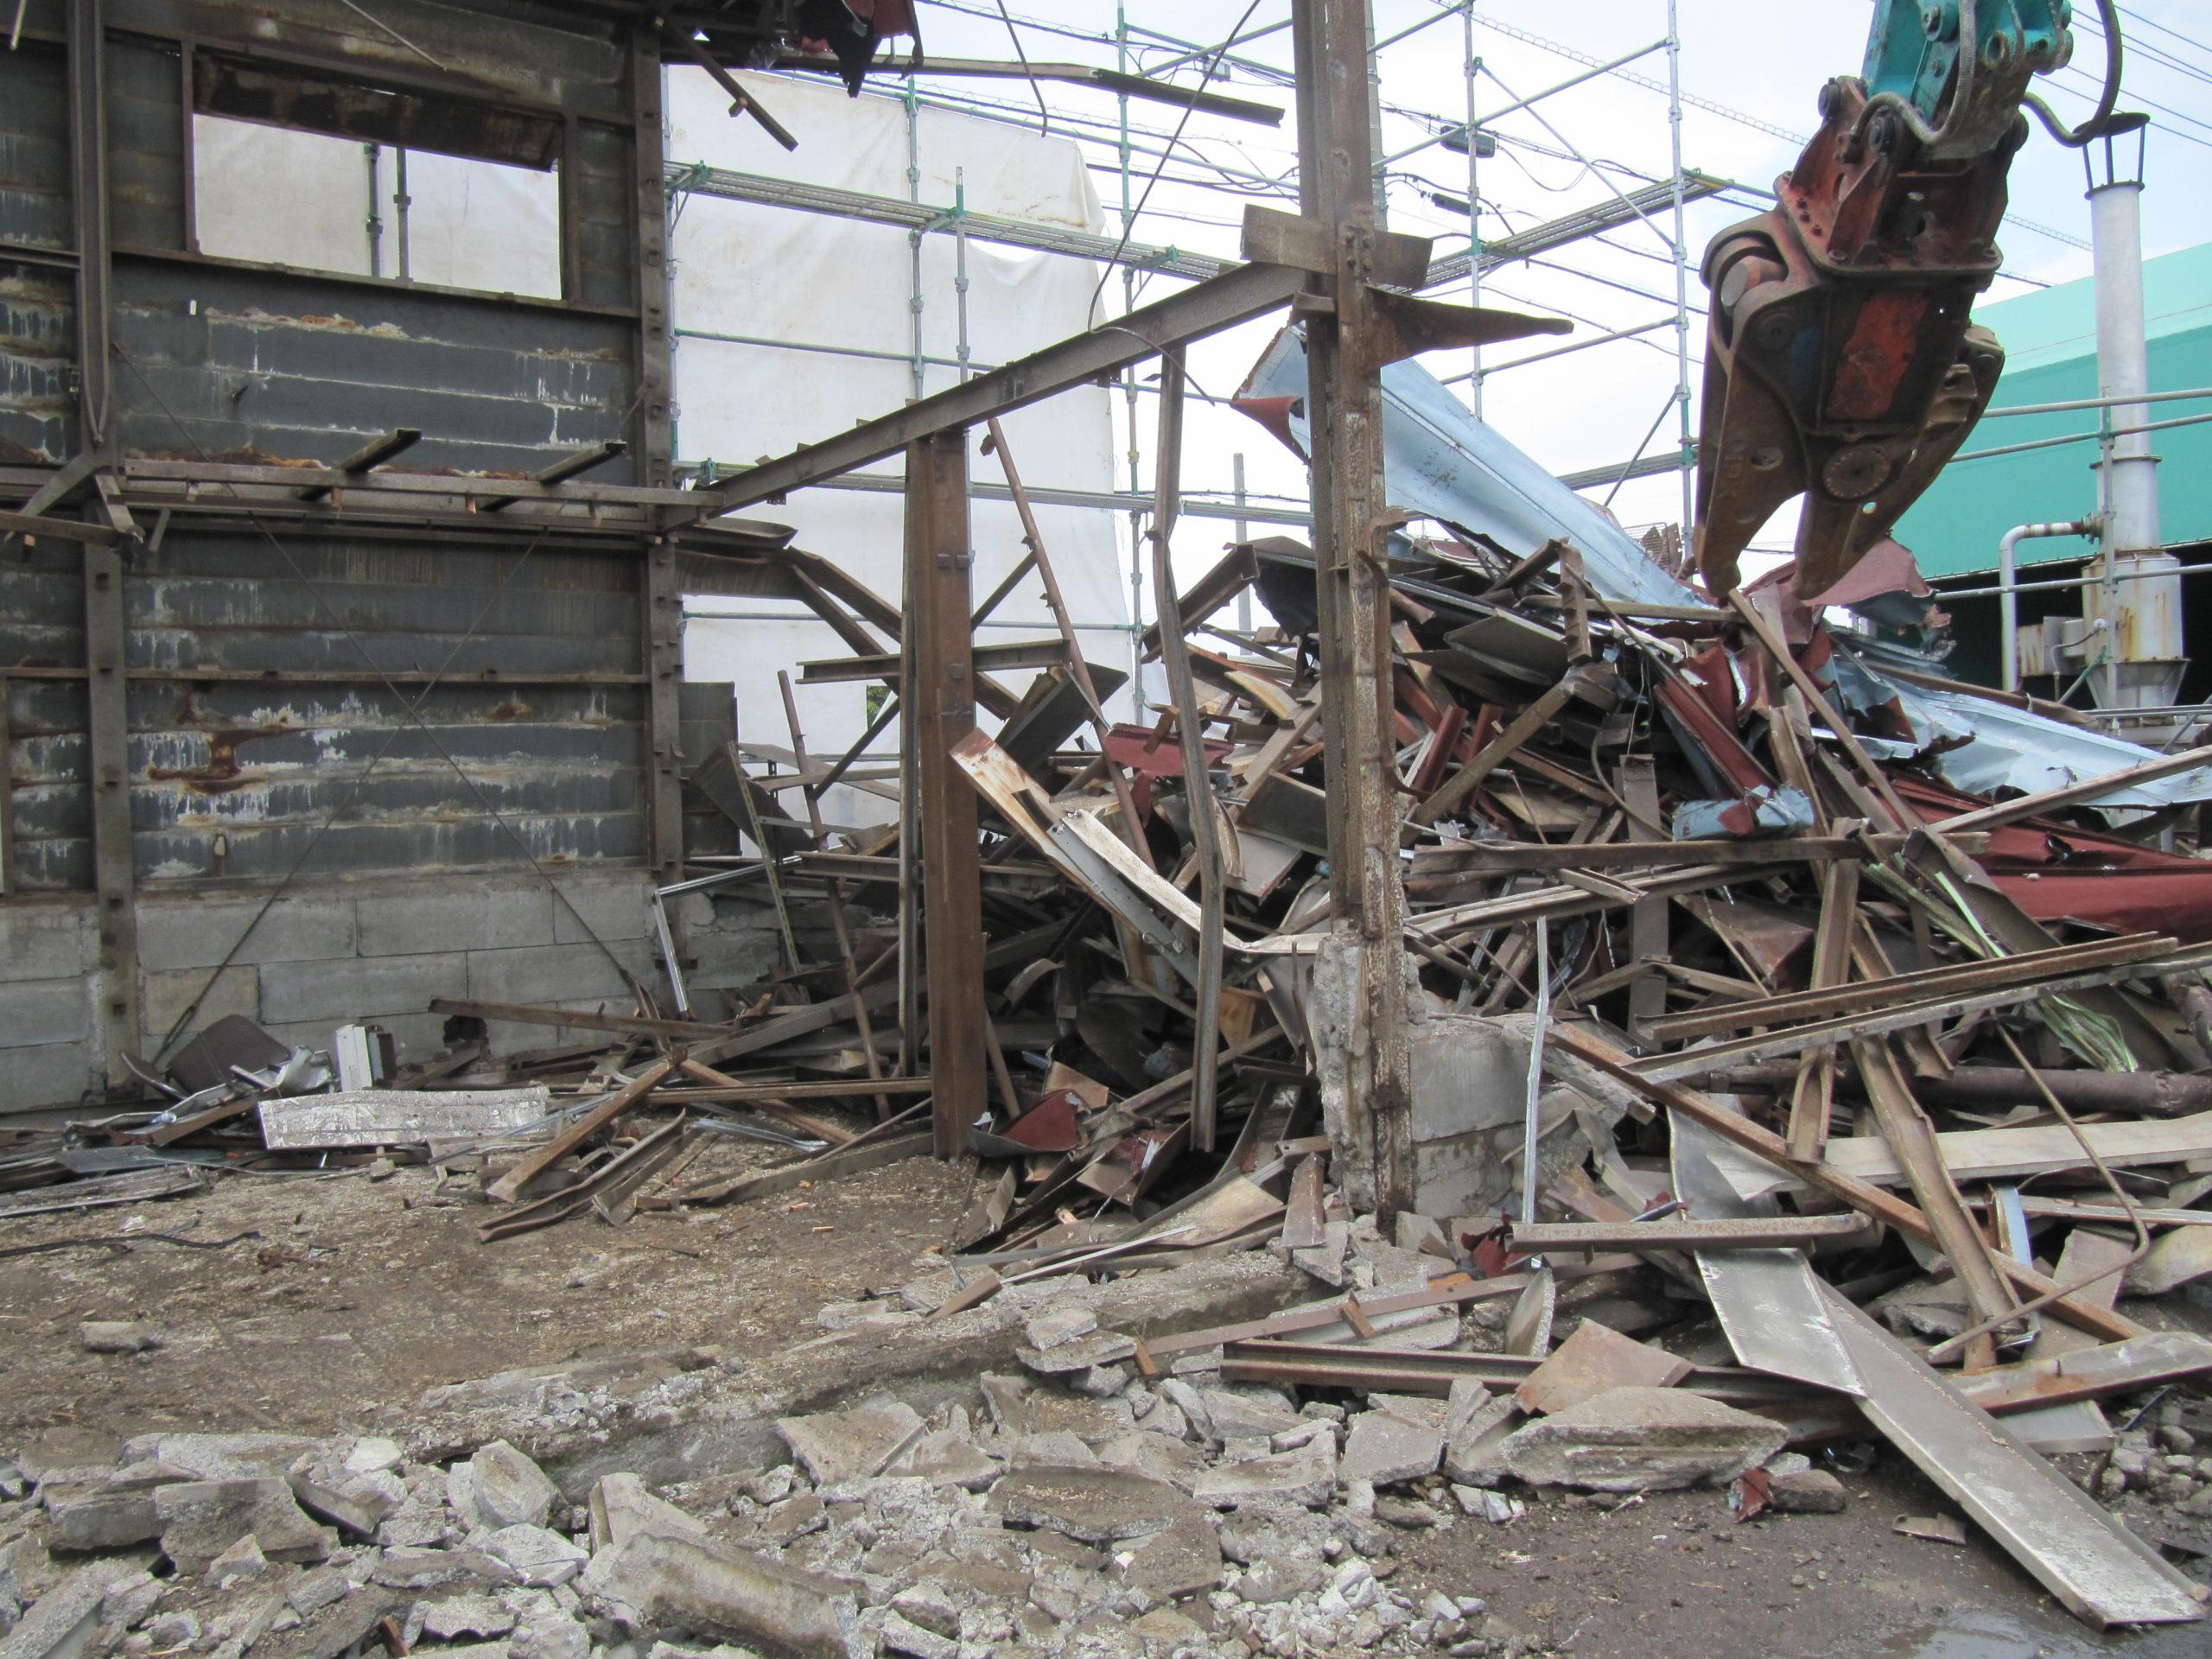 設備や建物の解体でお悩みの方へ、ZEROで無料相談してみませんか?